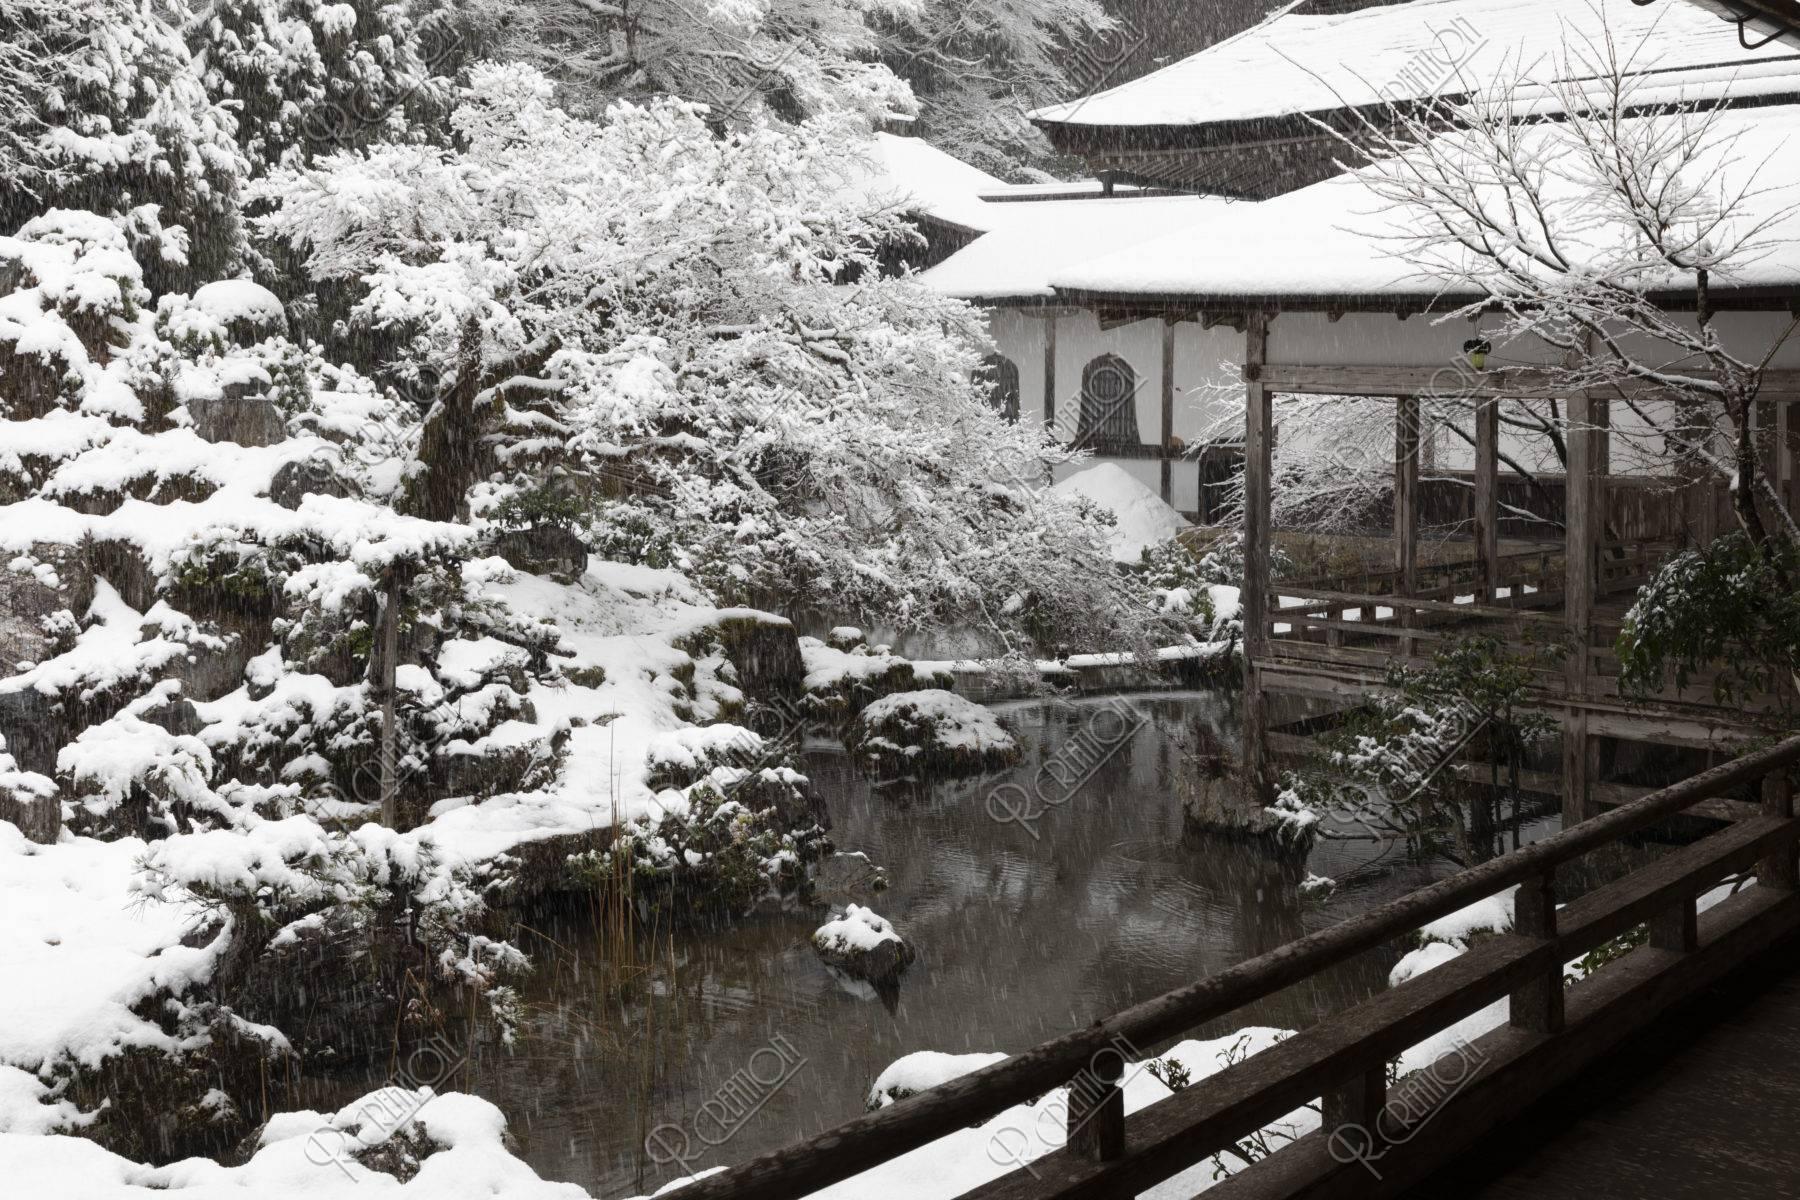 常照皇寺 方丈庭園 雪景色